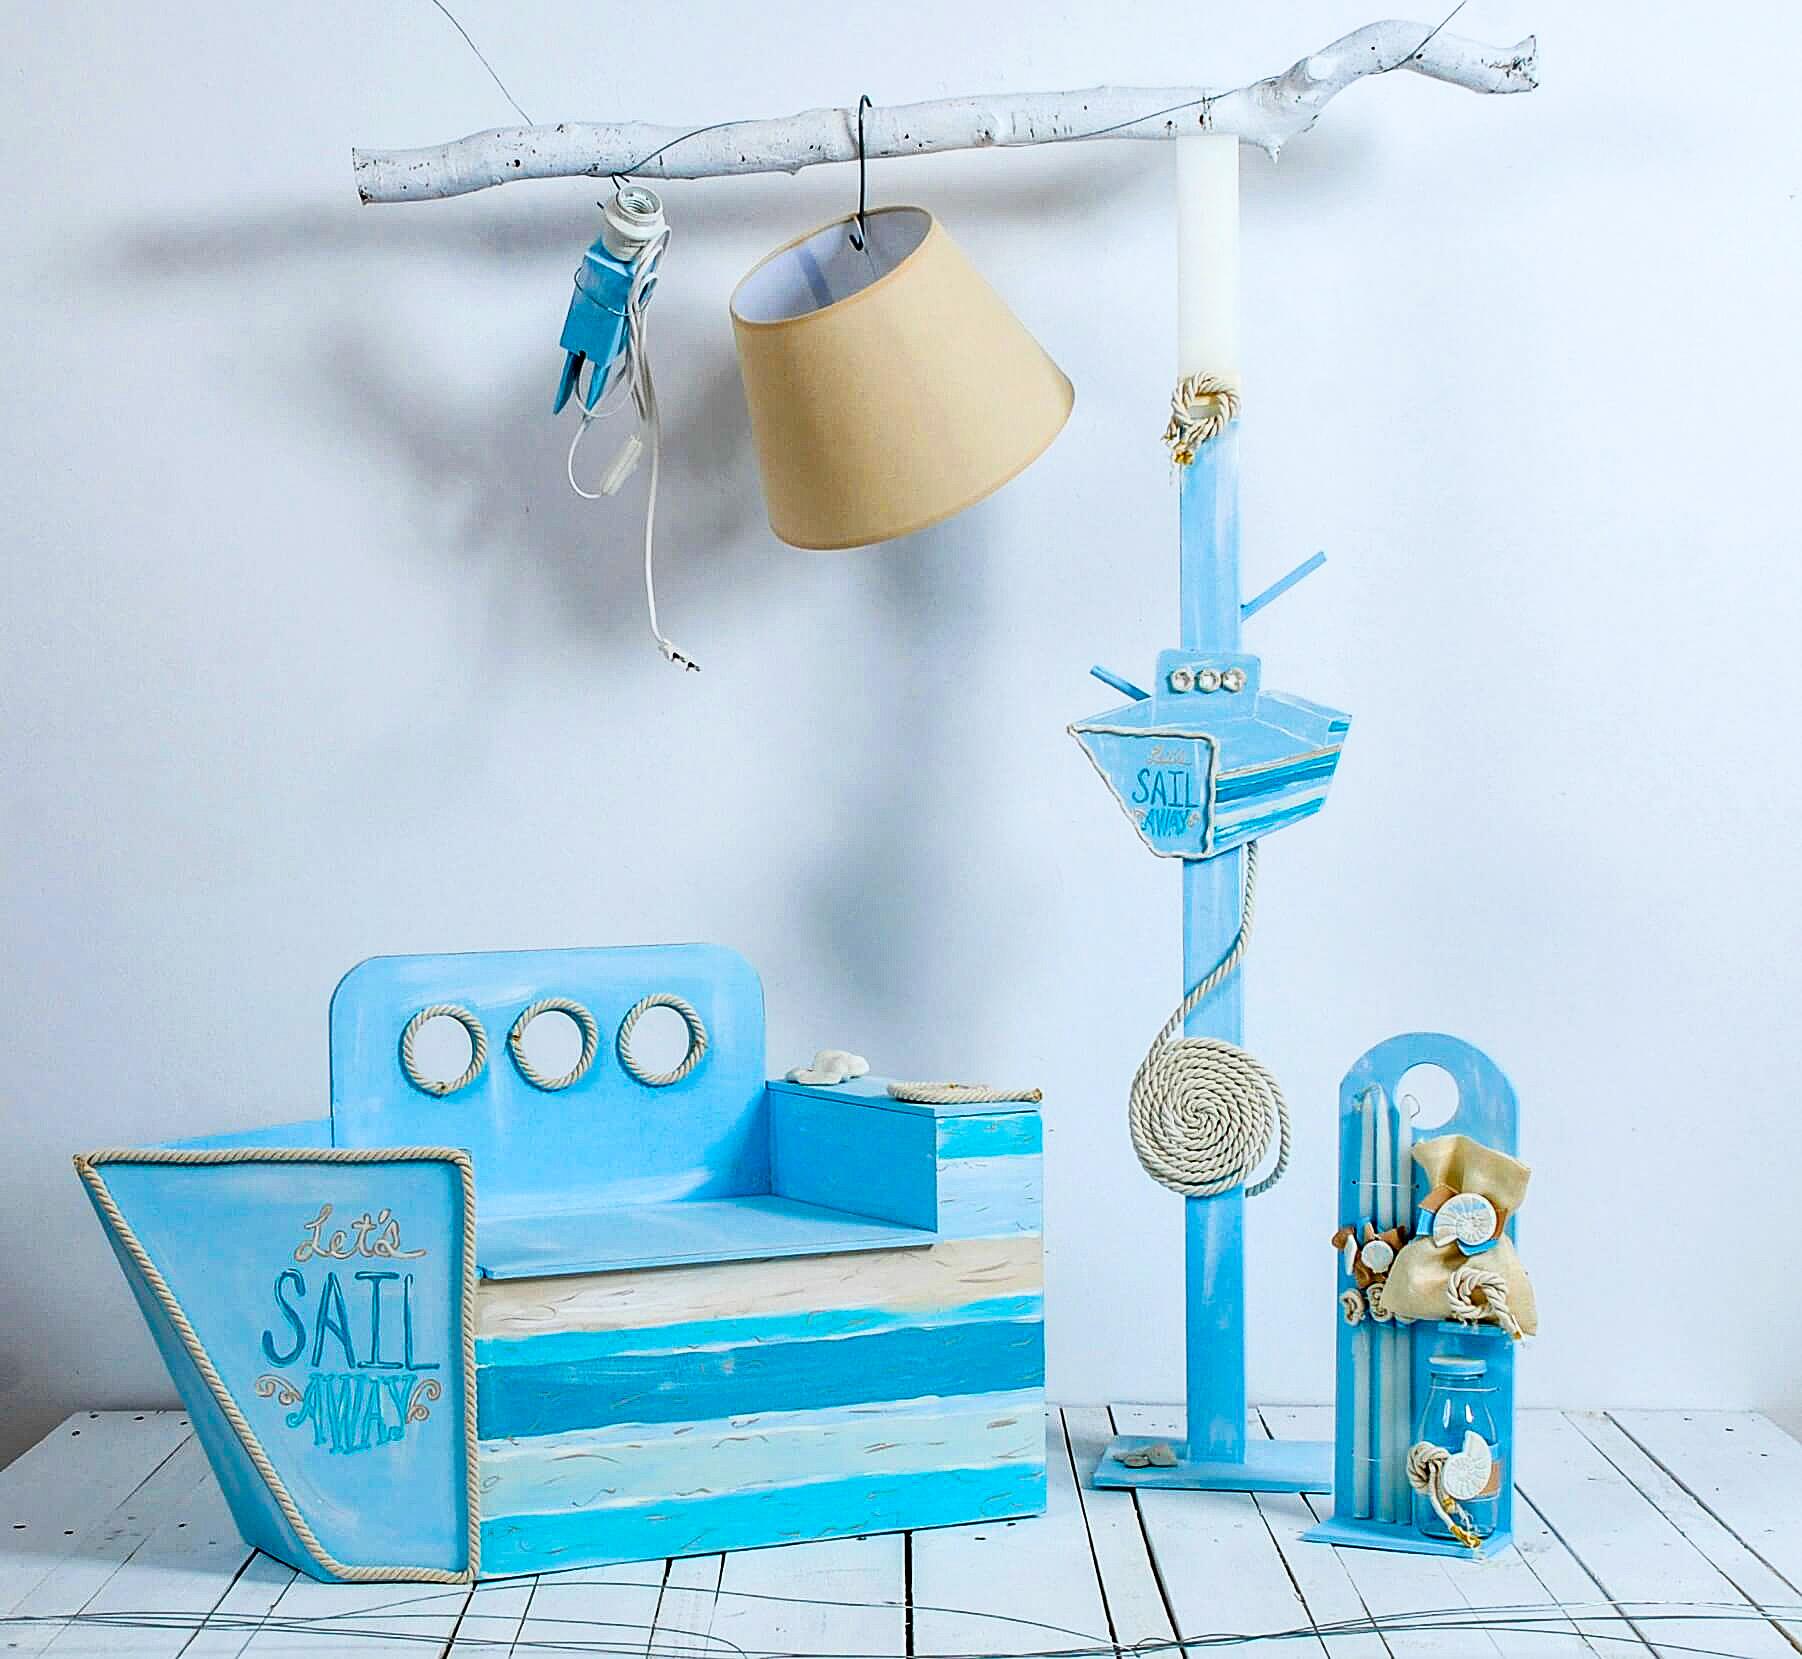 Χειροποίητο σετ βάπτισης για αγόρι Let's sail away αποτελούμενο από κουτί καθισματάκι σε σχήμα καραβιού, λαμπάδα καλόγερο και λαδοσετ. Όλο το σετ είναι σε αποχρώσεις του γαλάζιου και του κρέμ.